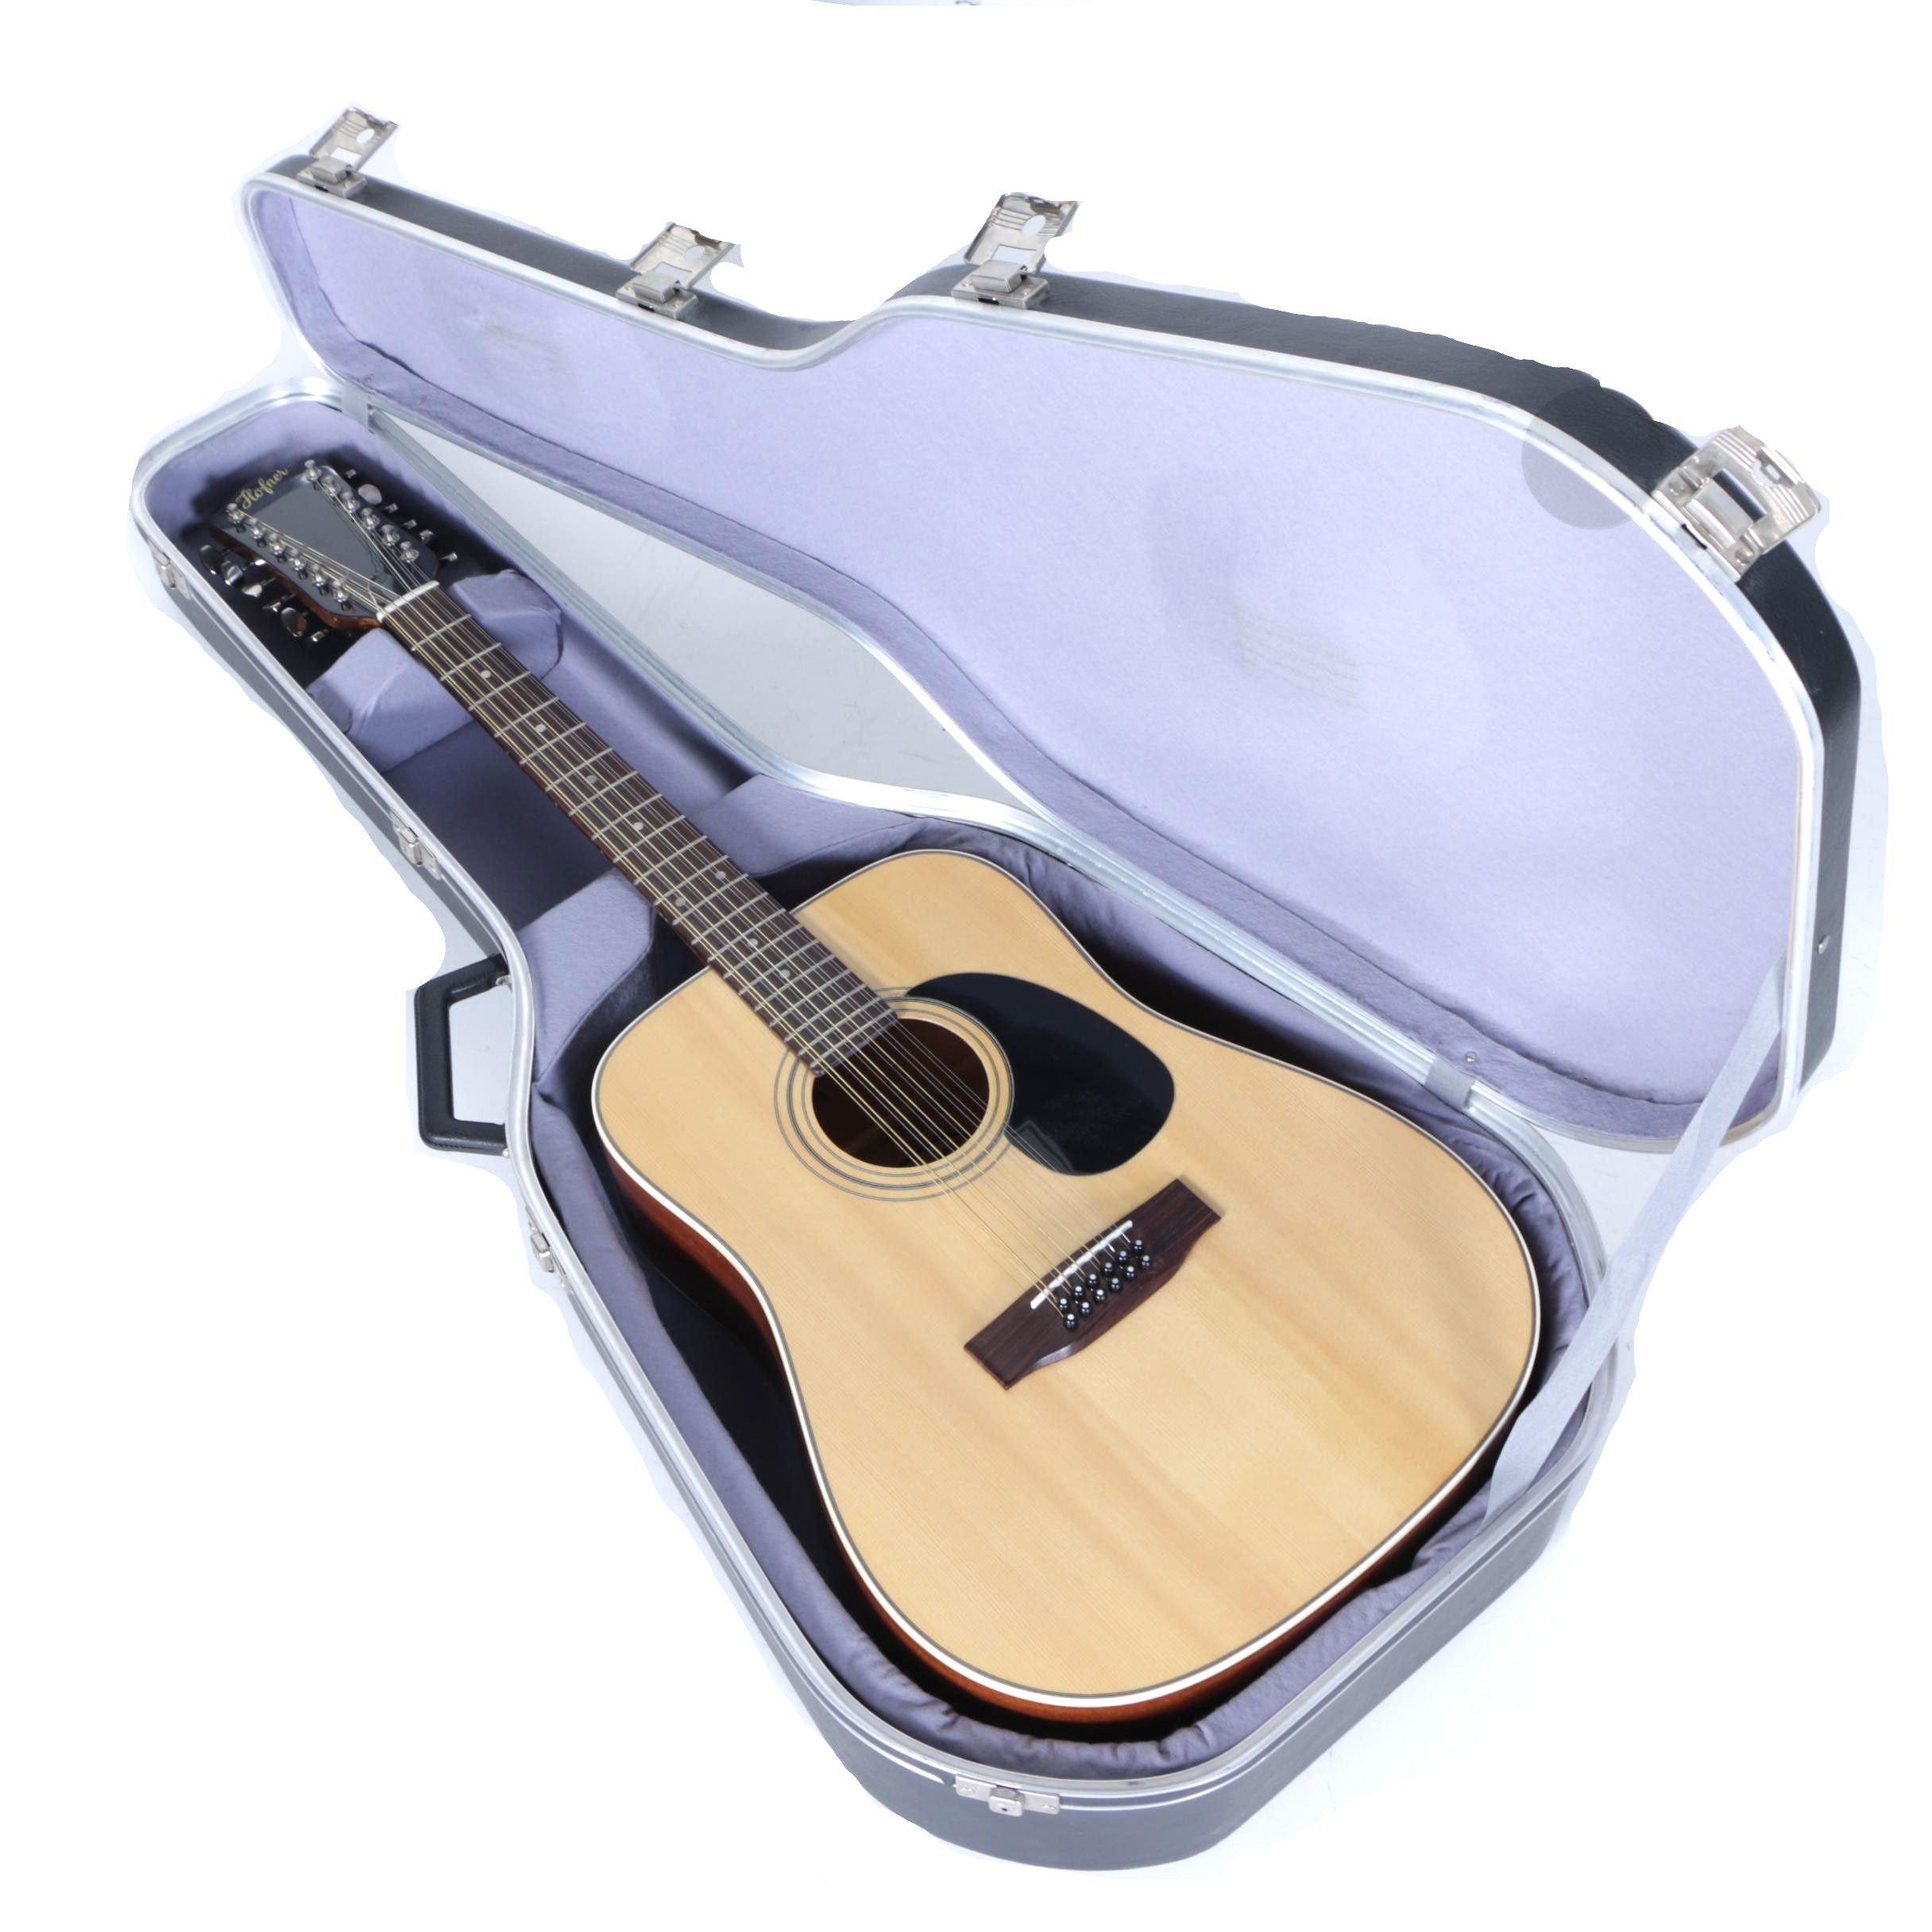 Vintage Höfner Twelve-String Acoustic Guitar with Hardshell Case